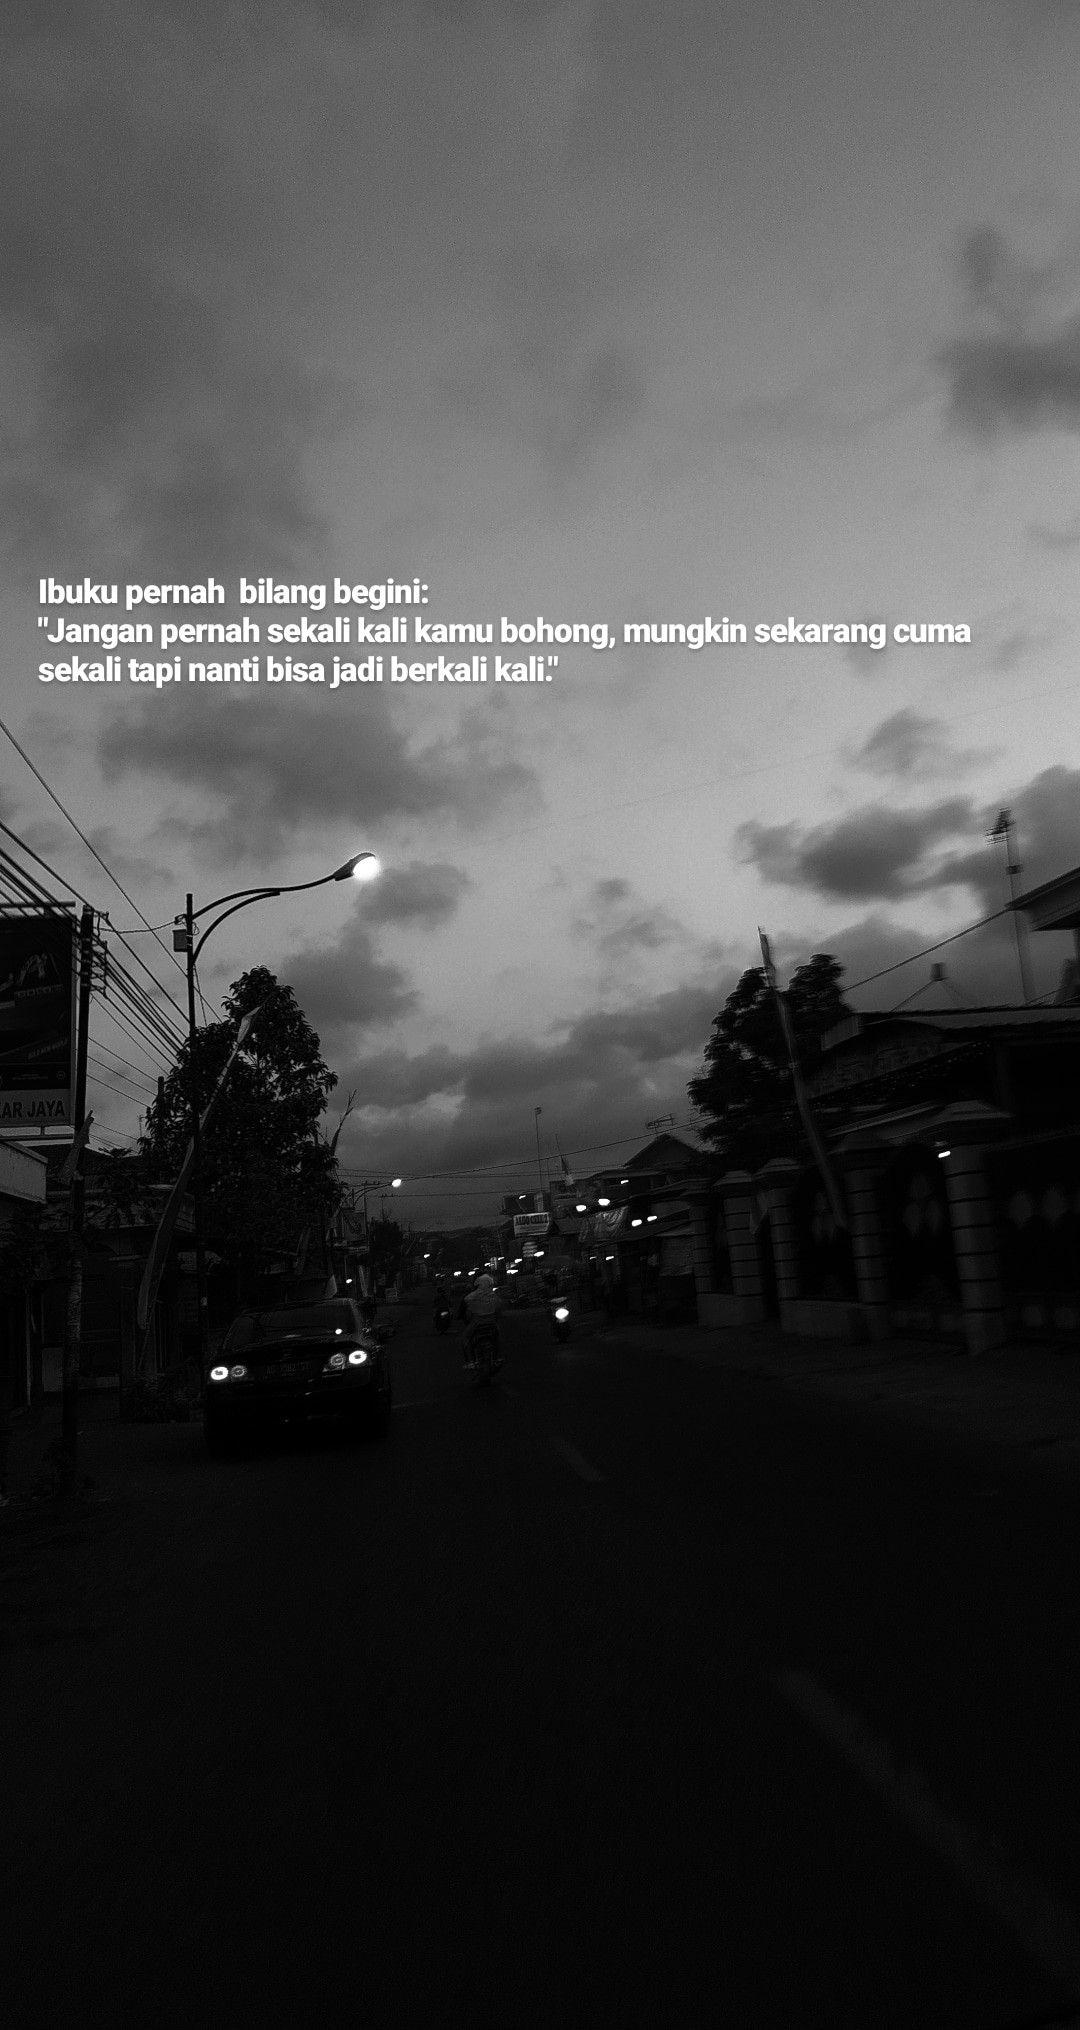 Pin oleh Amalinaa_ di Quote ᵕ̈ Kutipan terbaik